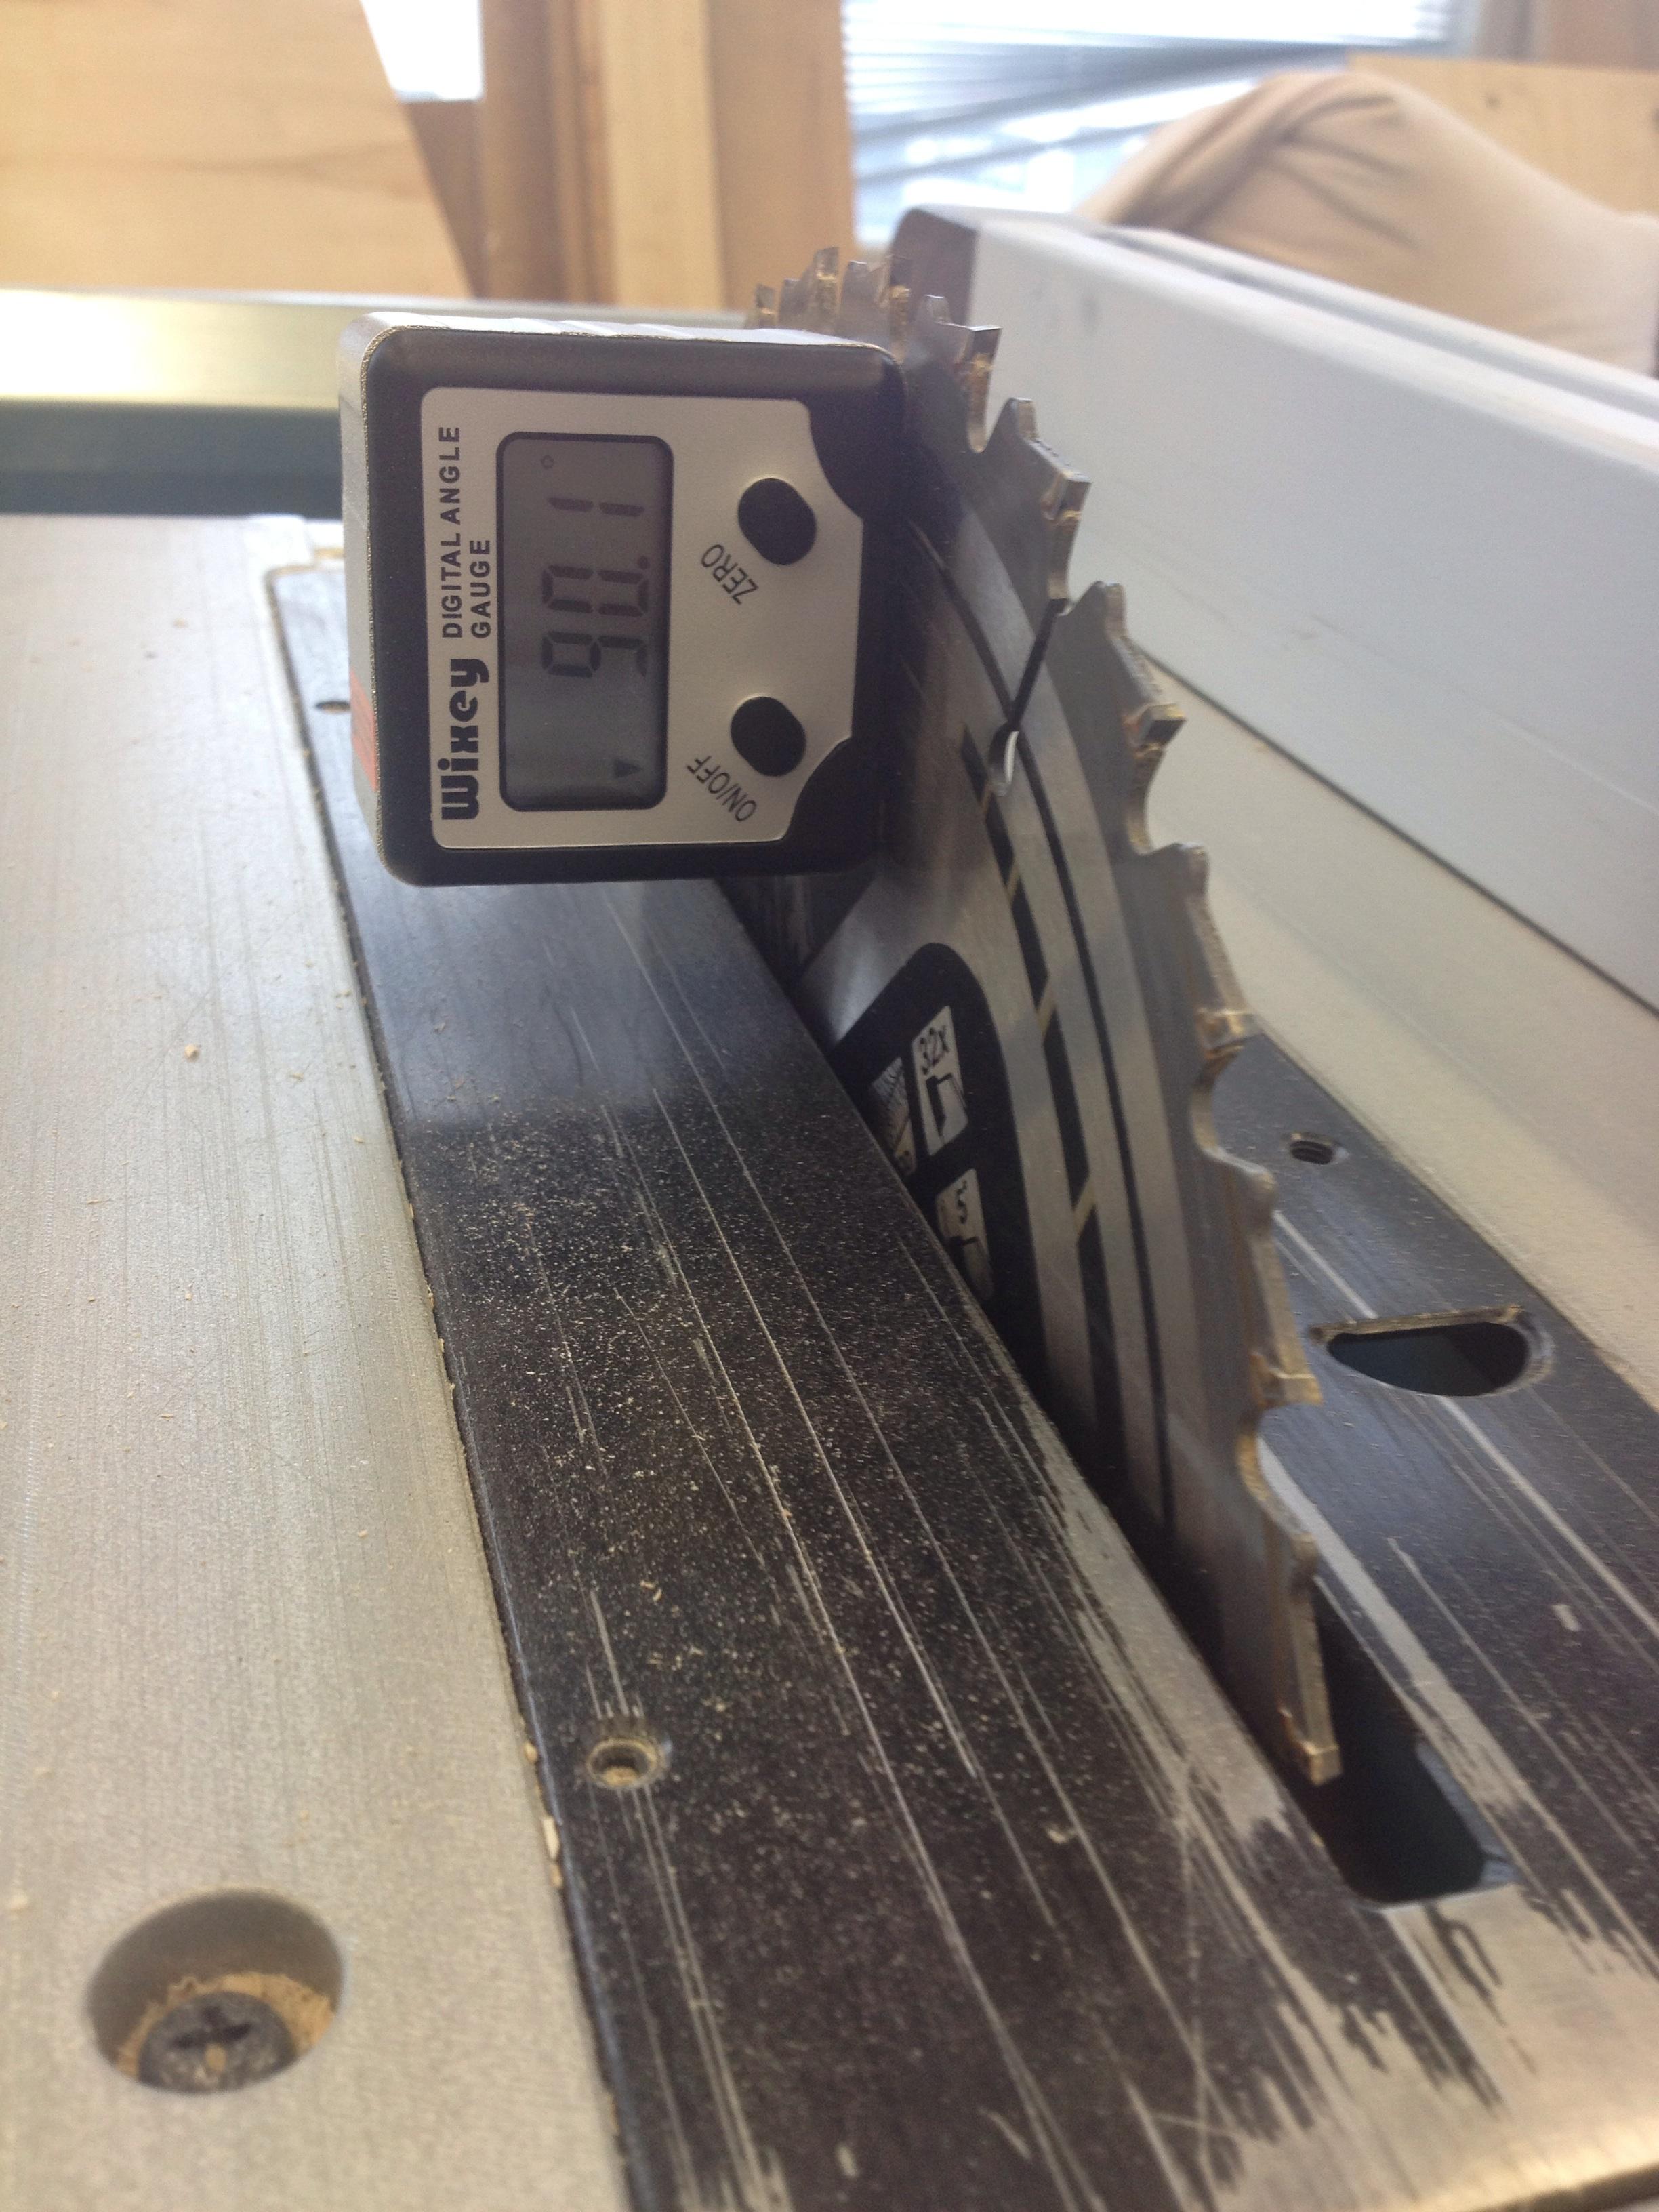 Magnetic angle tool